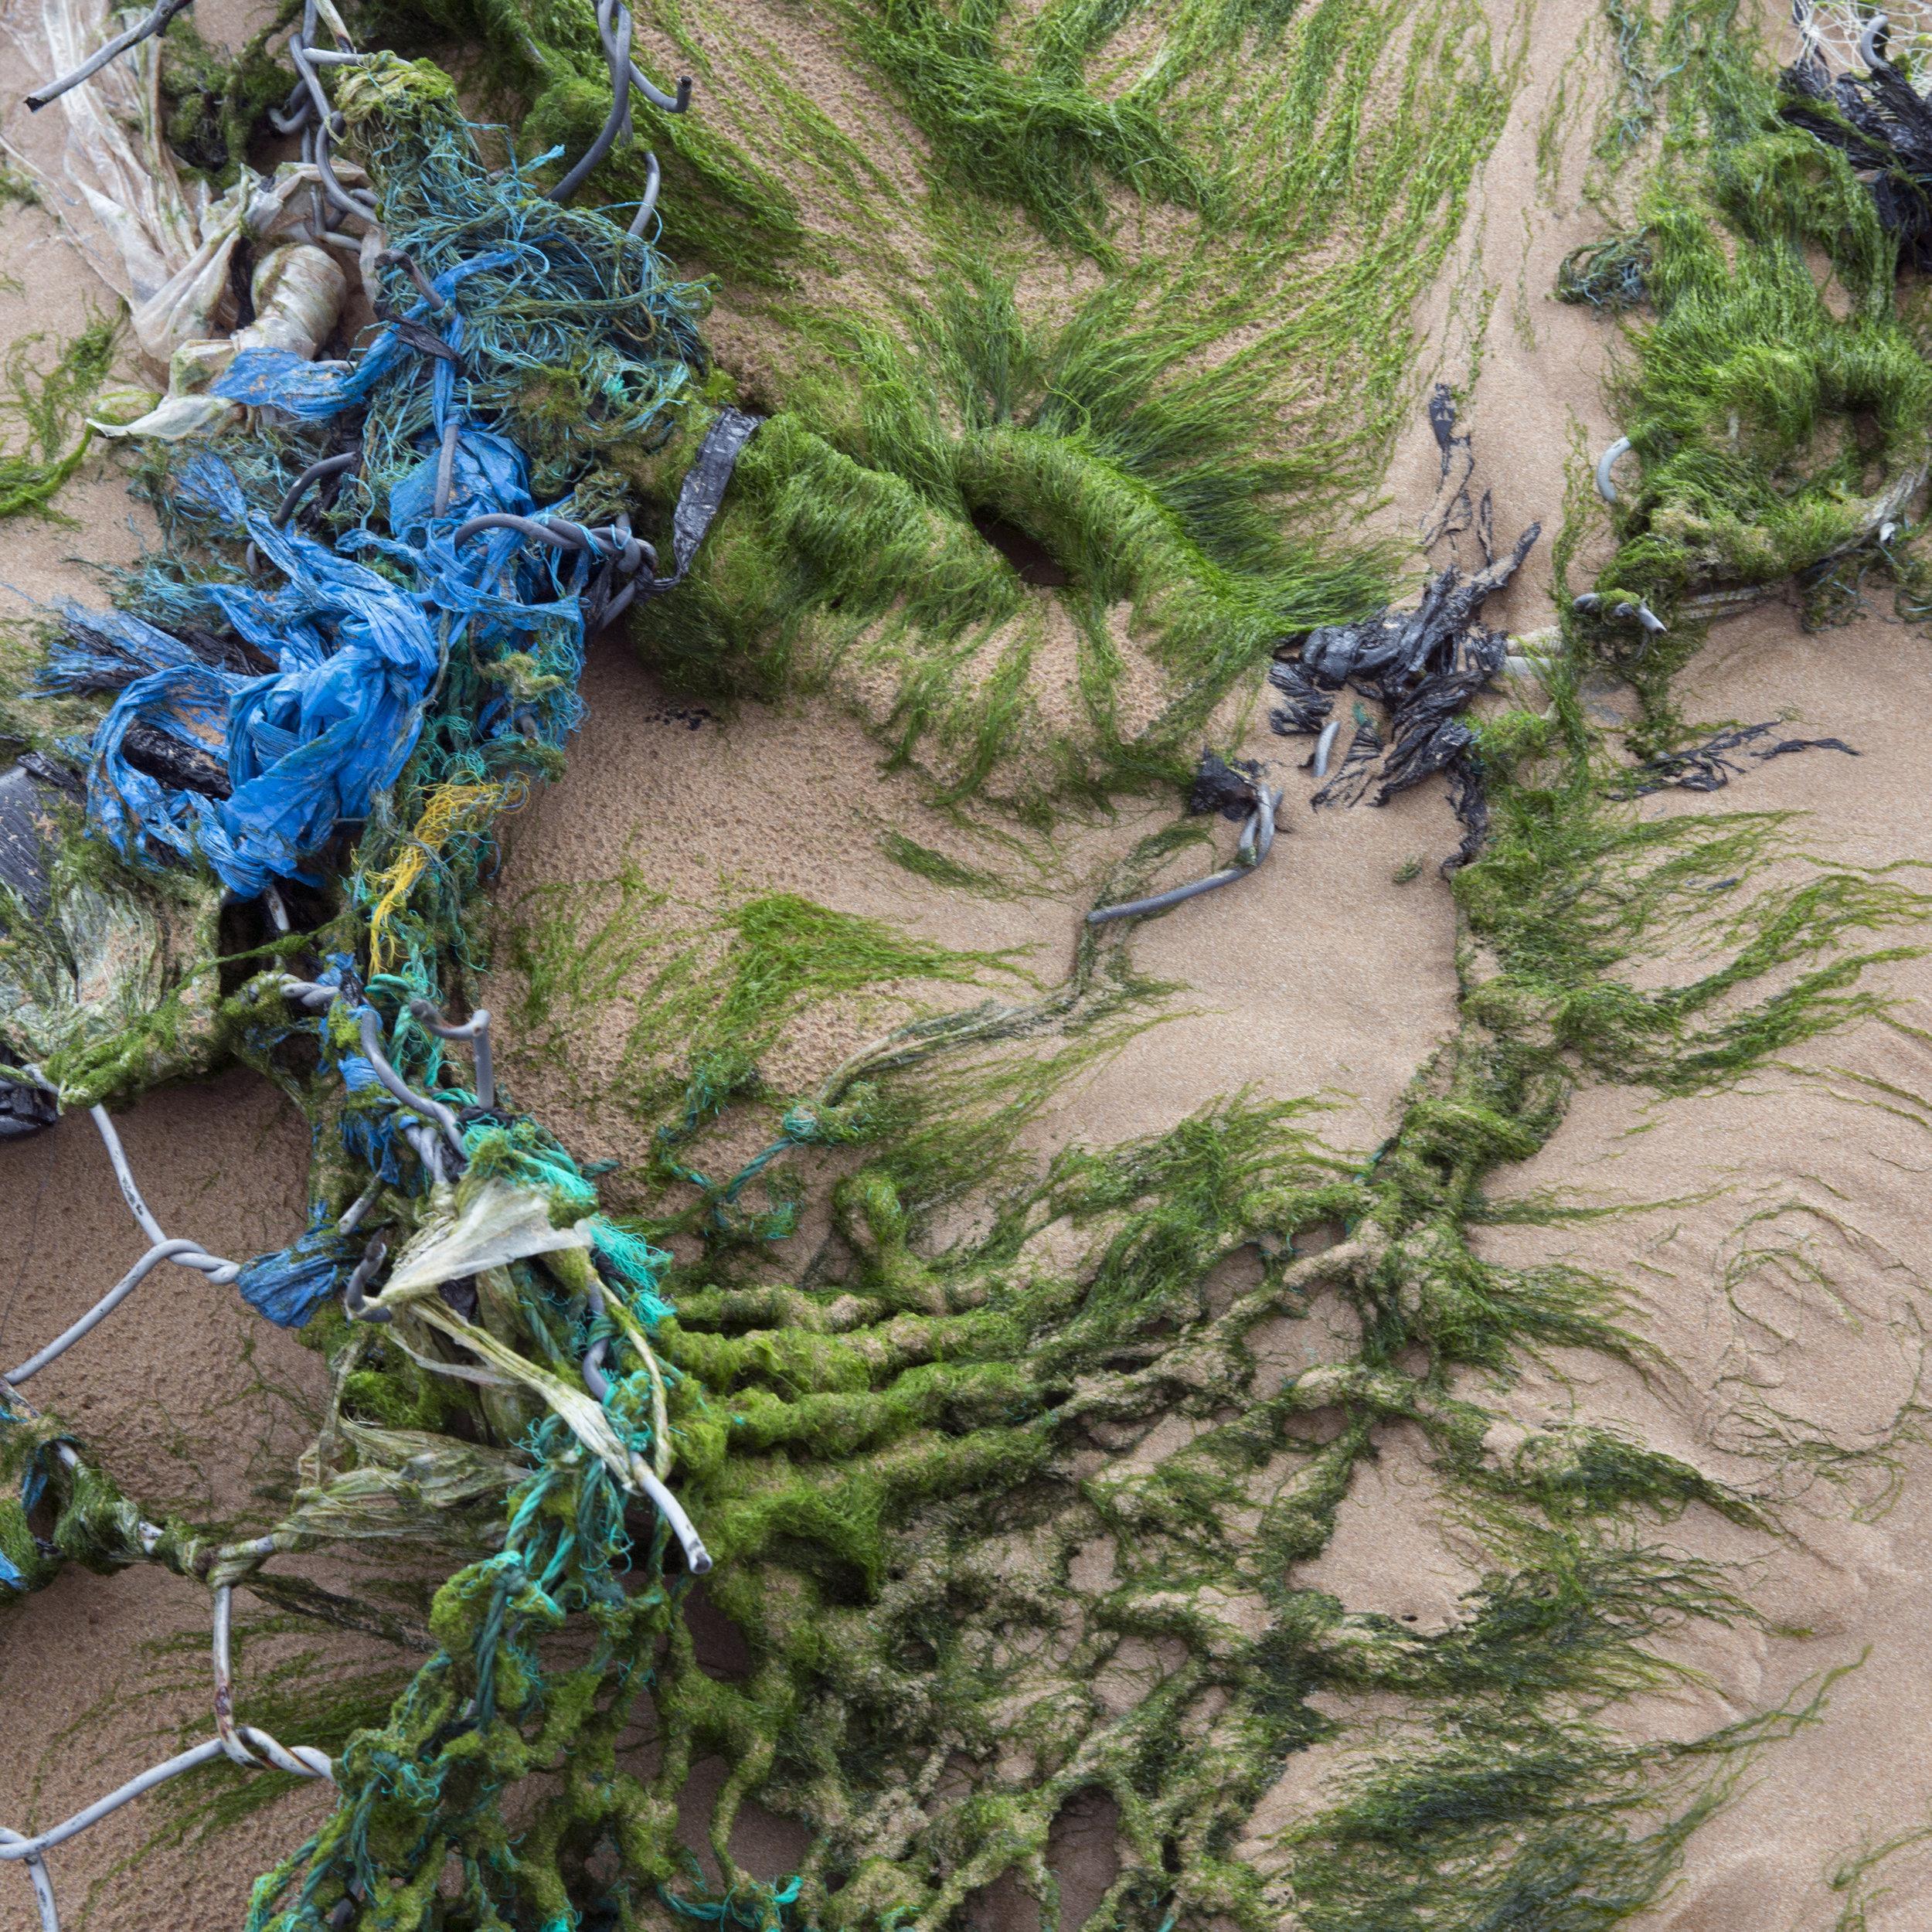 Strangely pretty beach-side trash